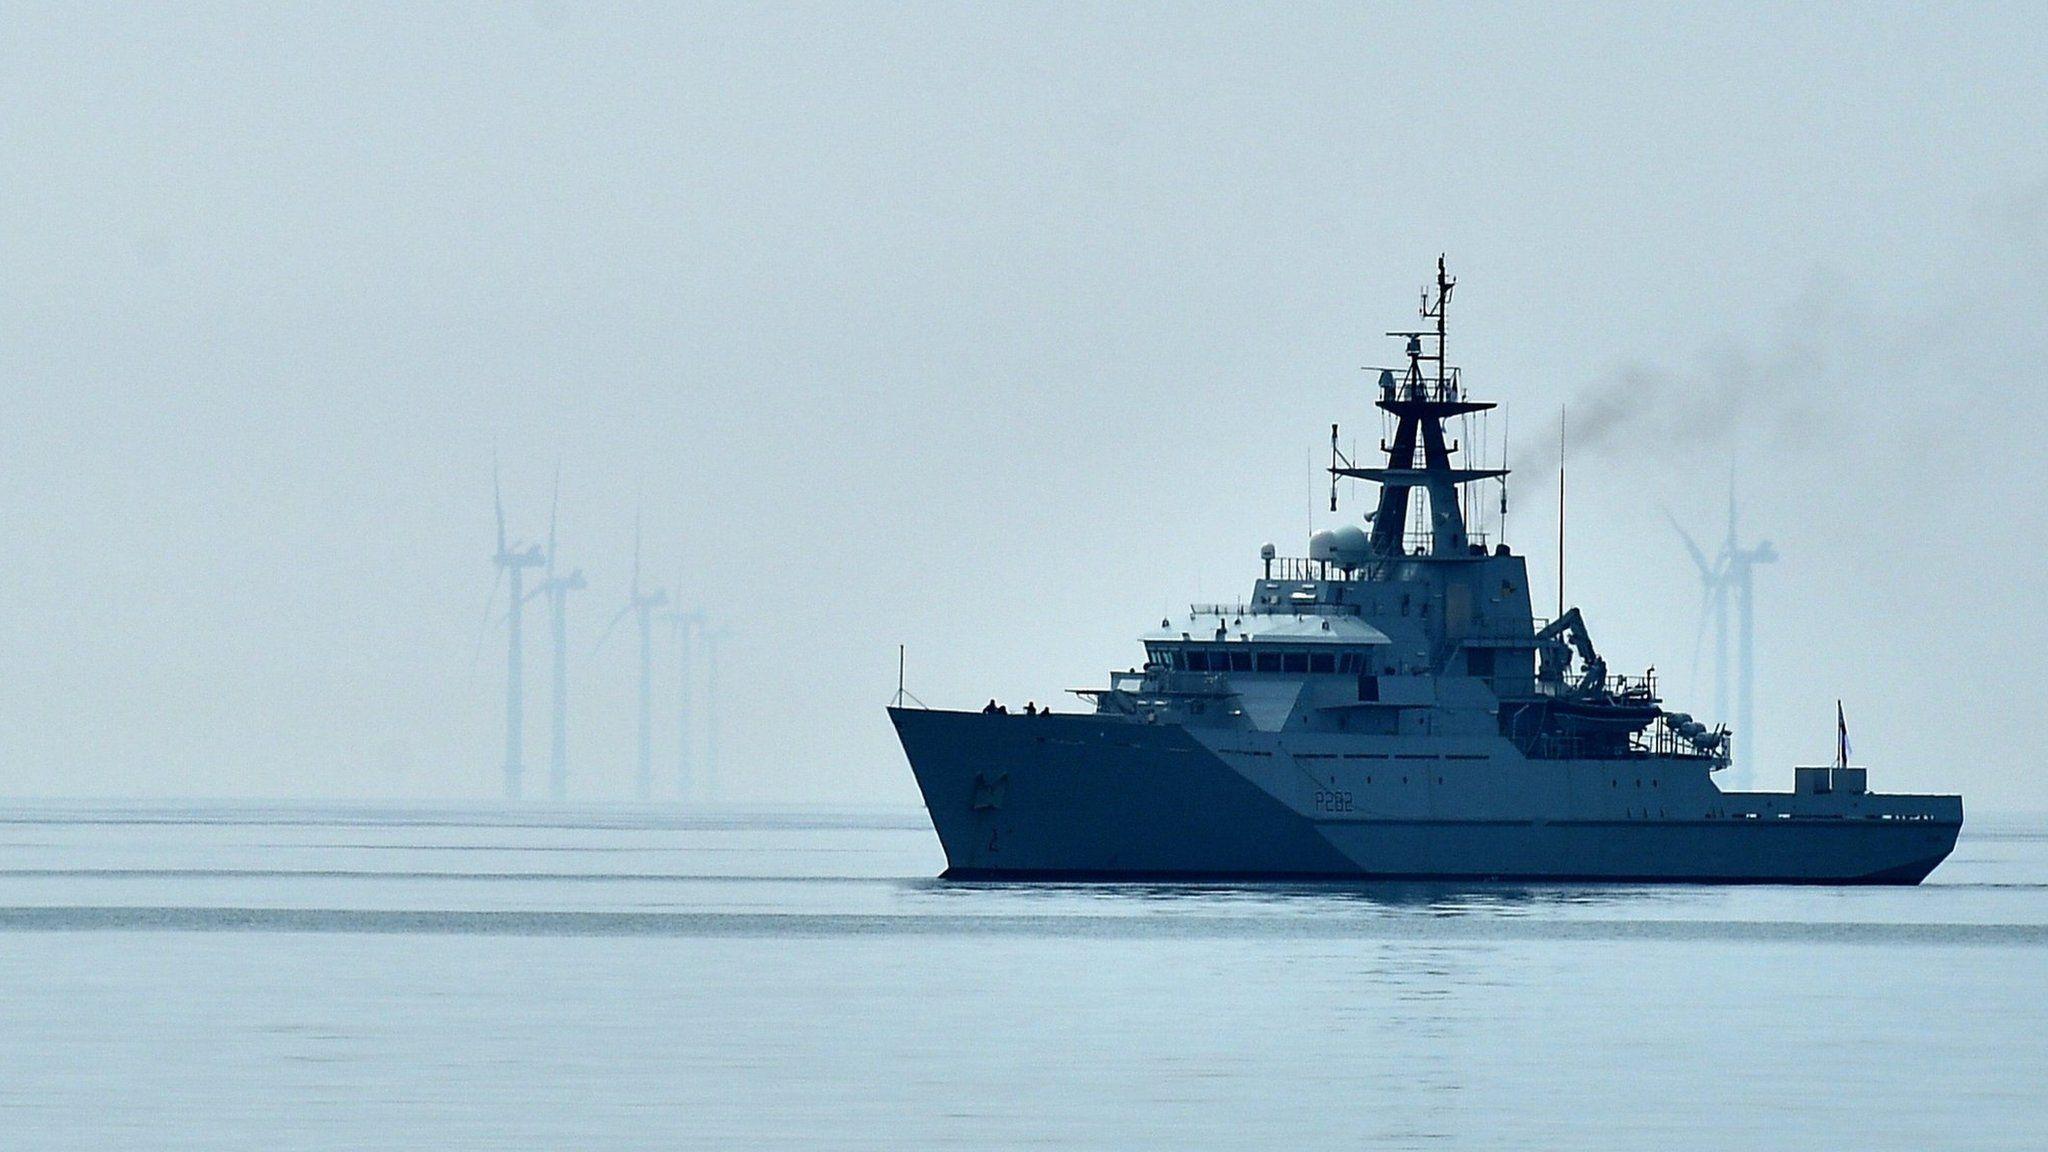 Франция угрожает отключить электричество на британском острове, Британия направляет военные корабли. Объясняем, что происходит